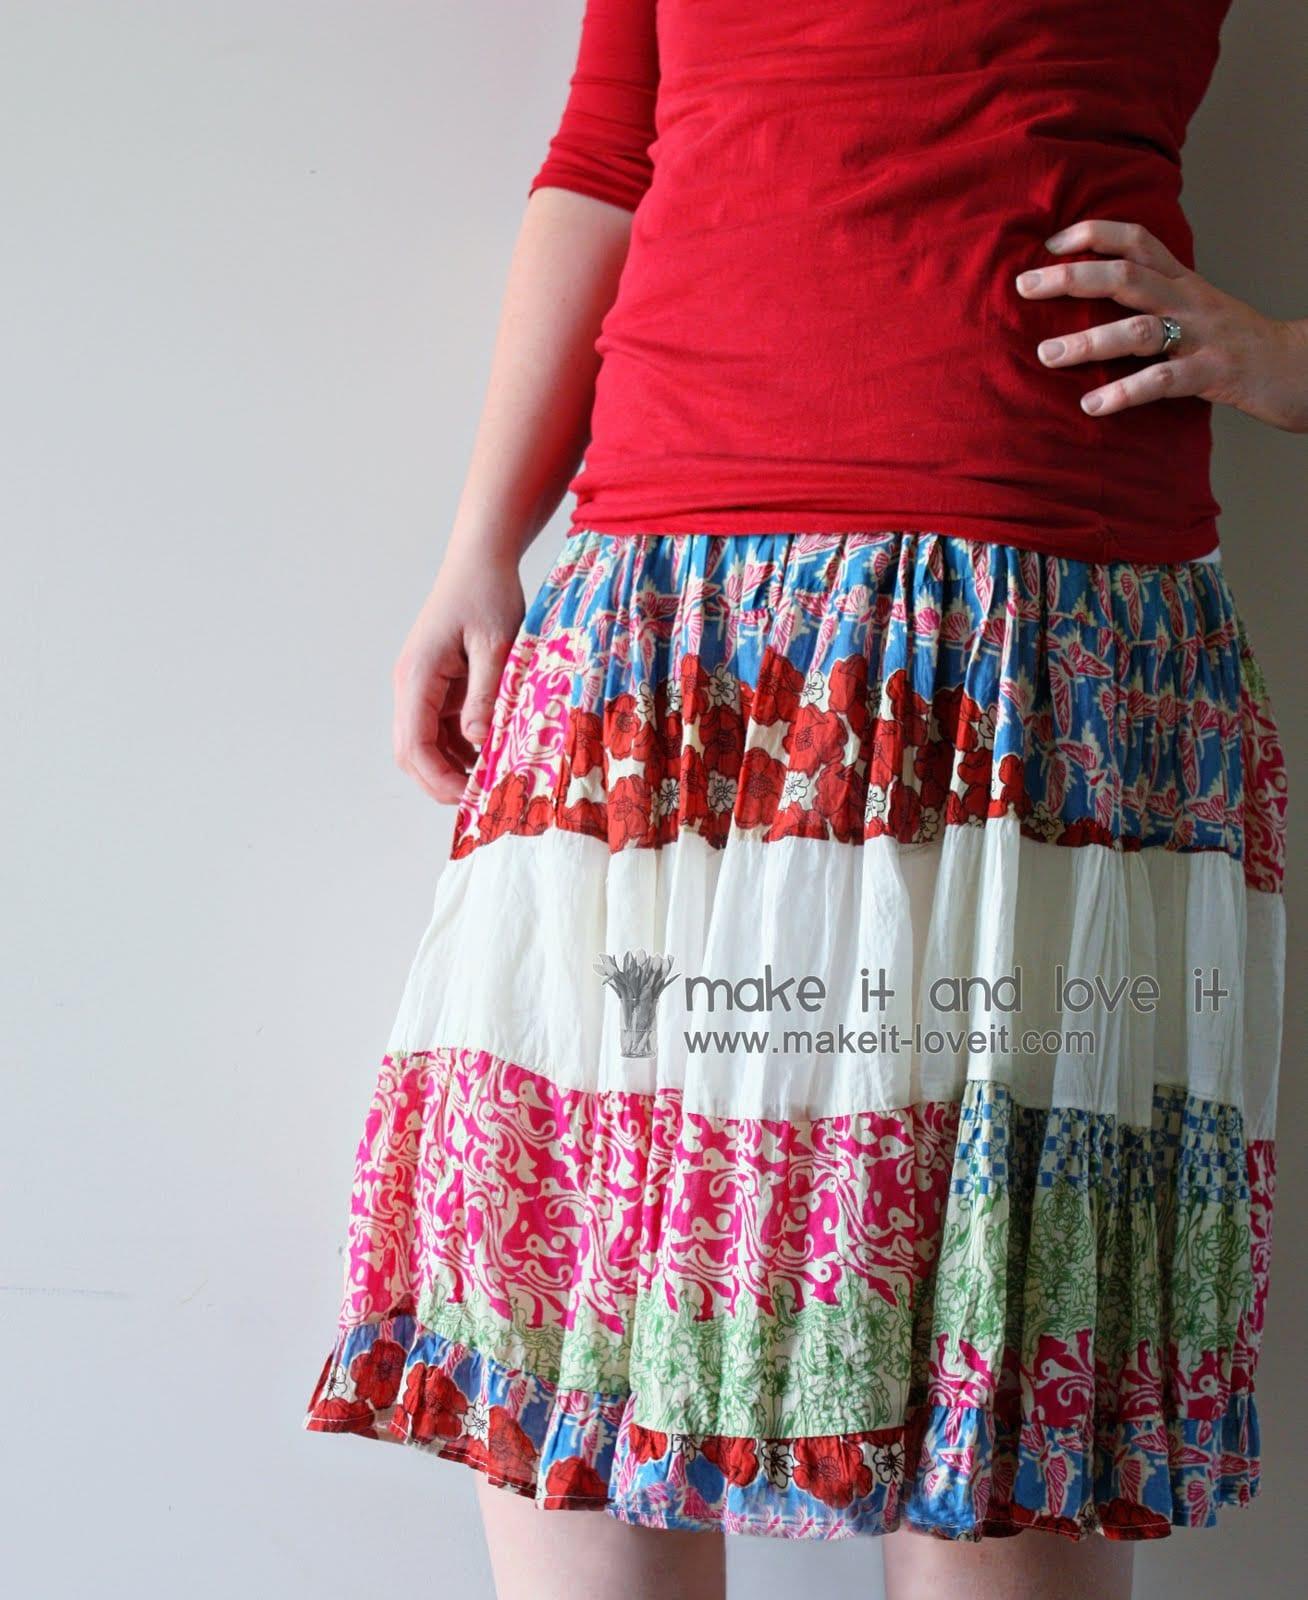 Re-purposing: Women's Dress to Skirt